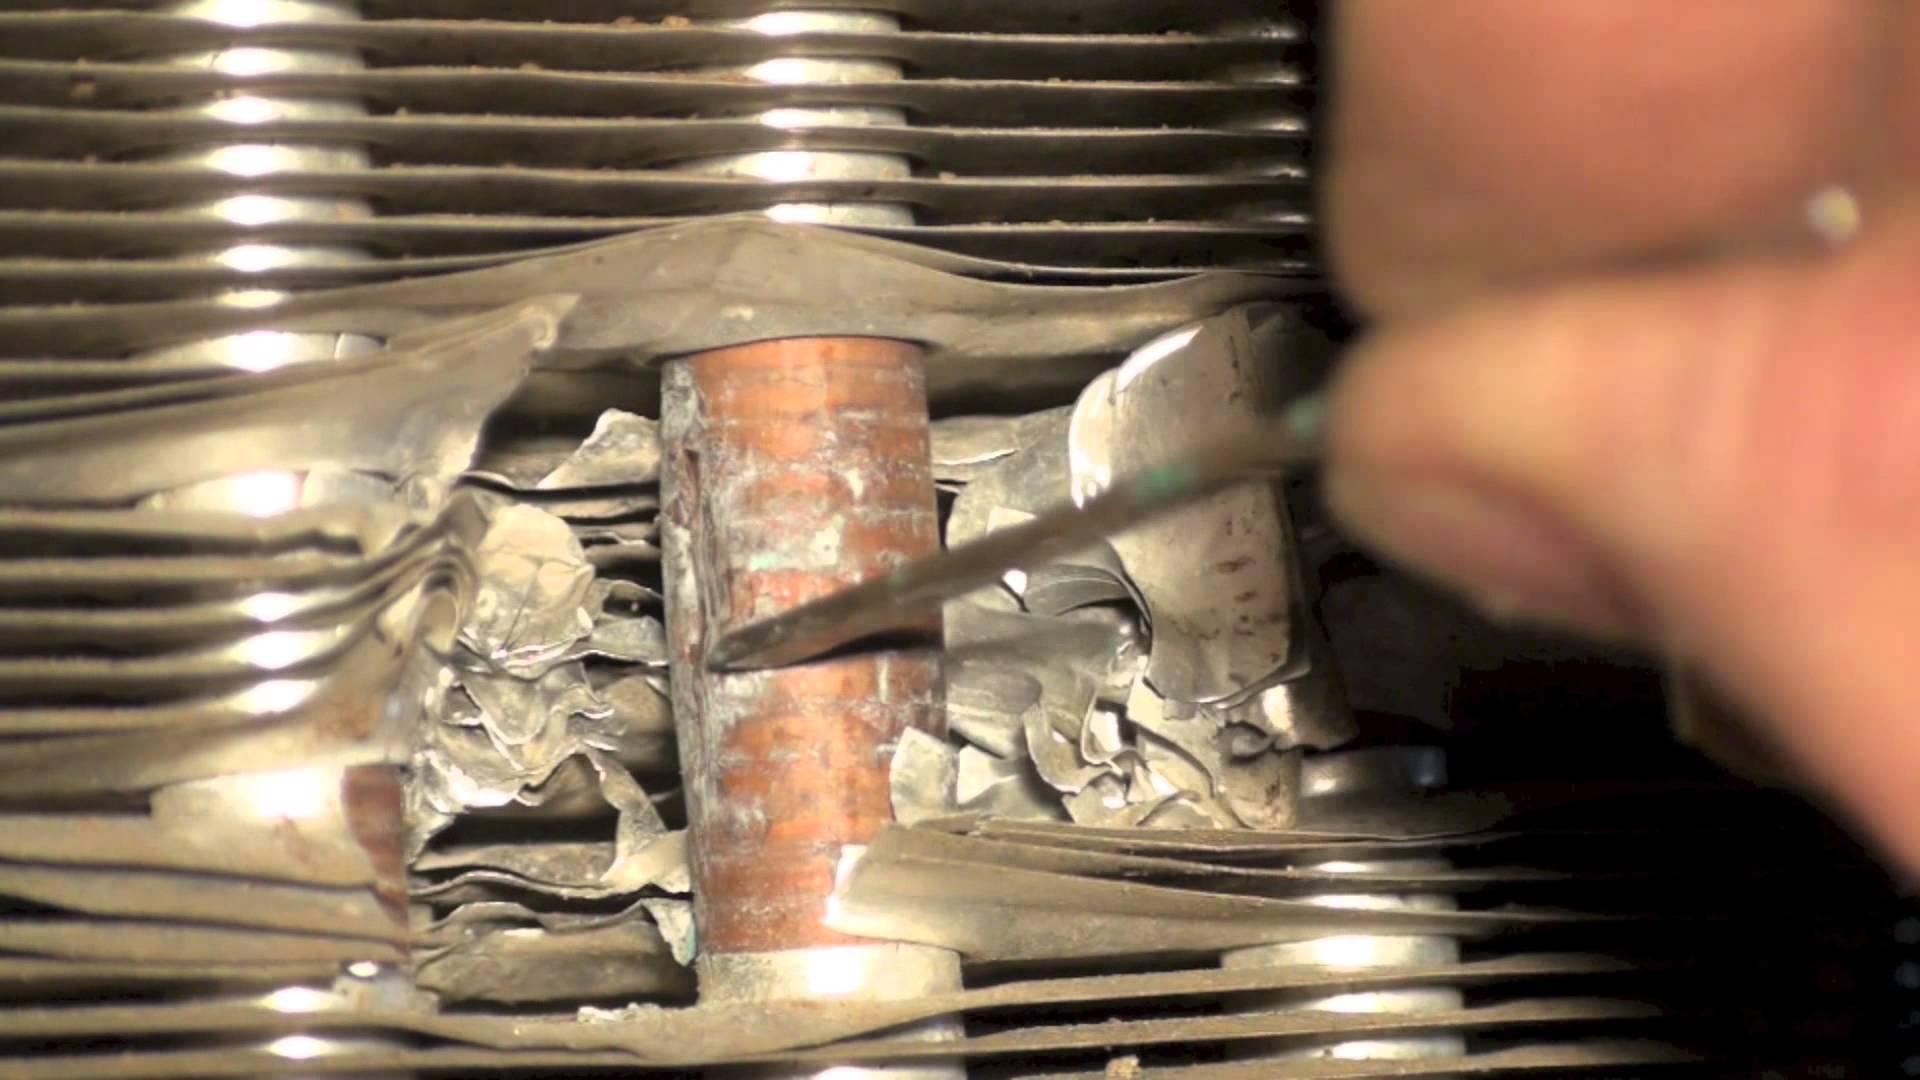 Climatisation - Comment detecter une fuite de gaz ...